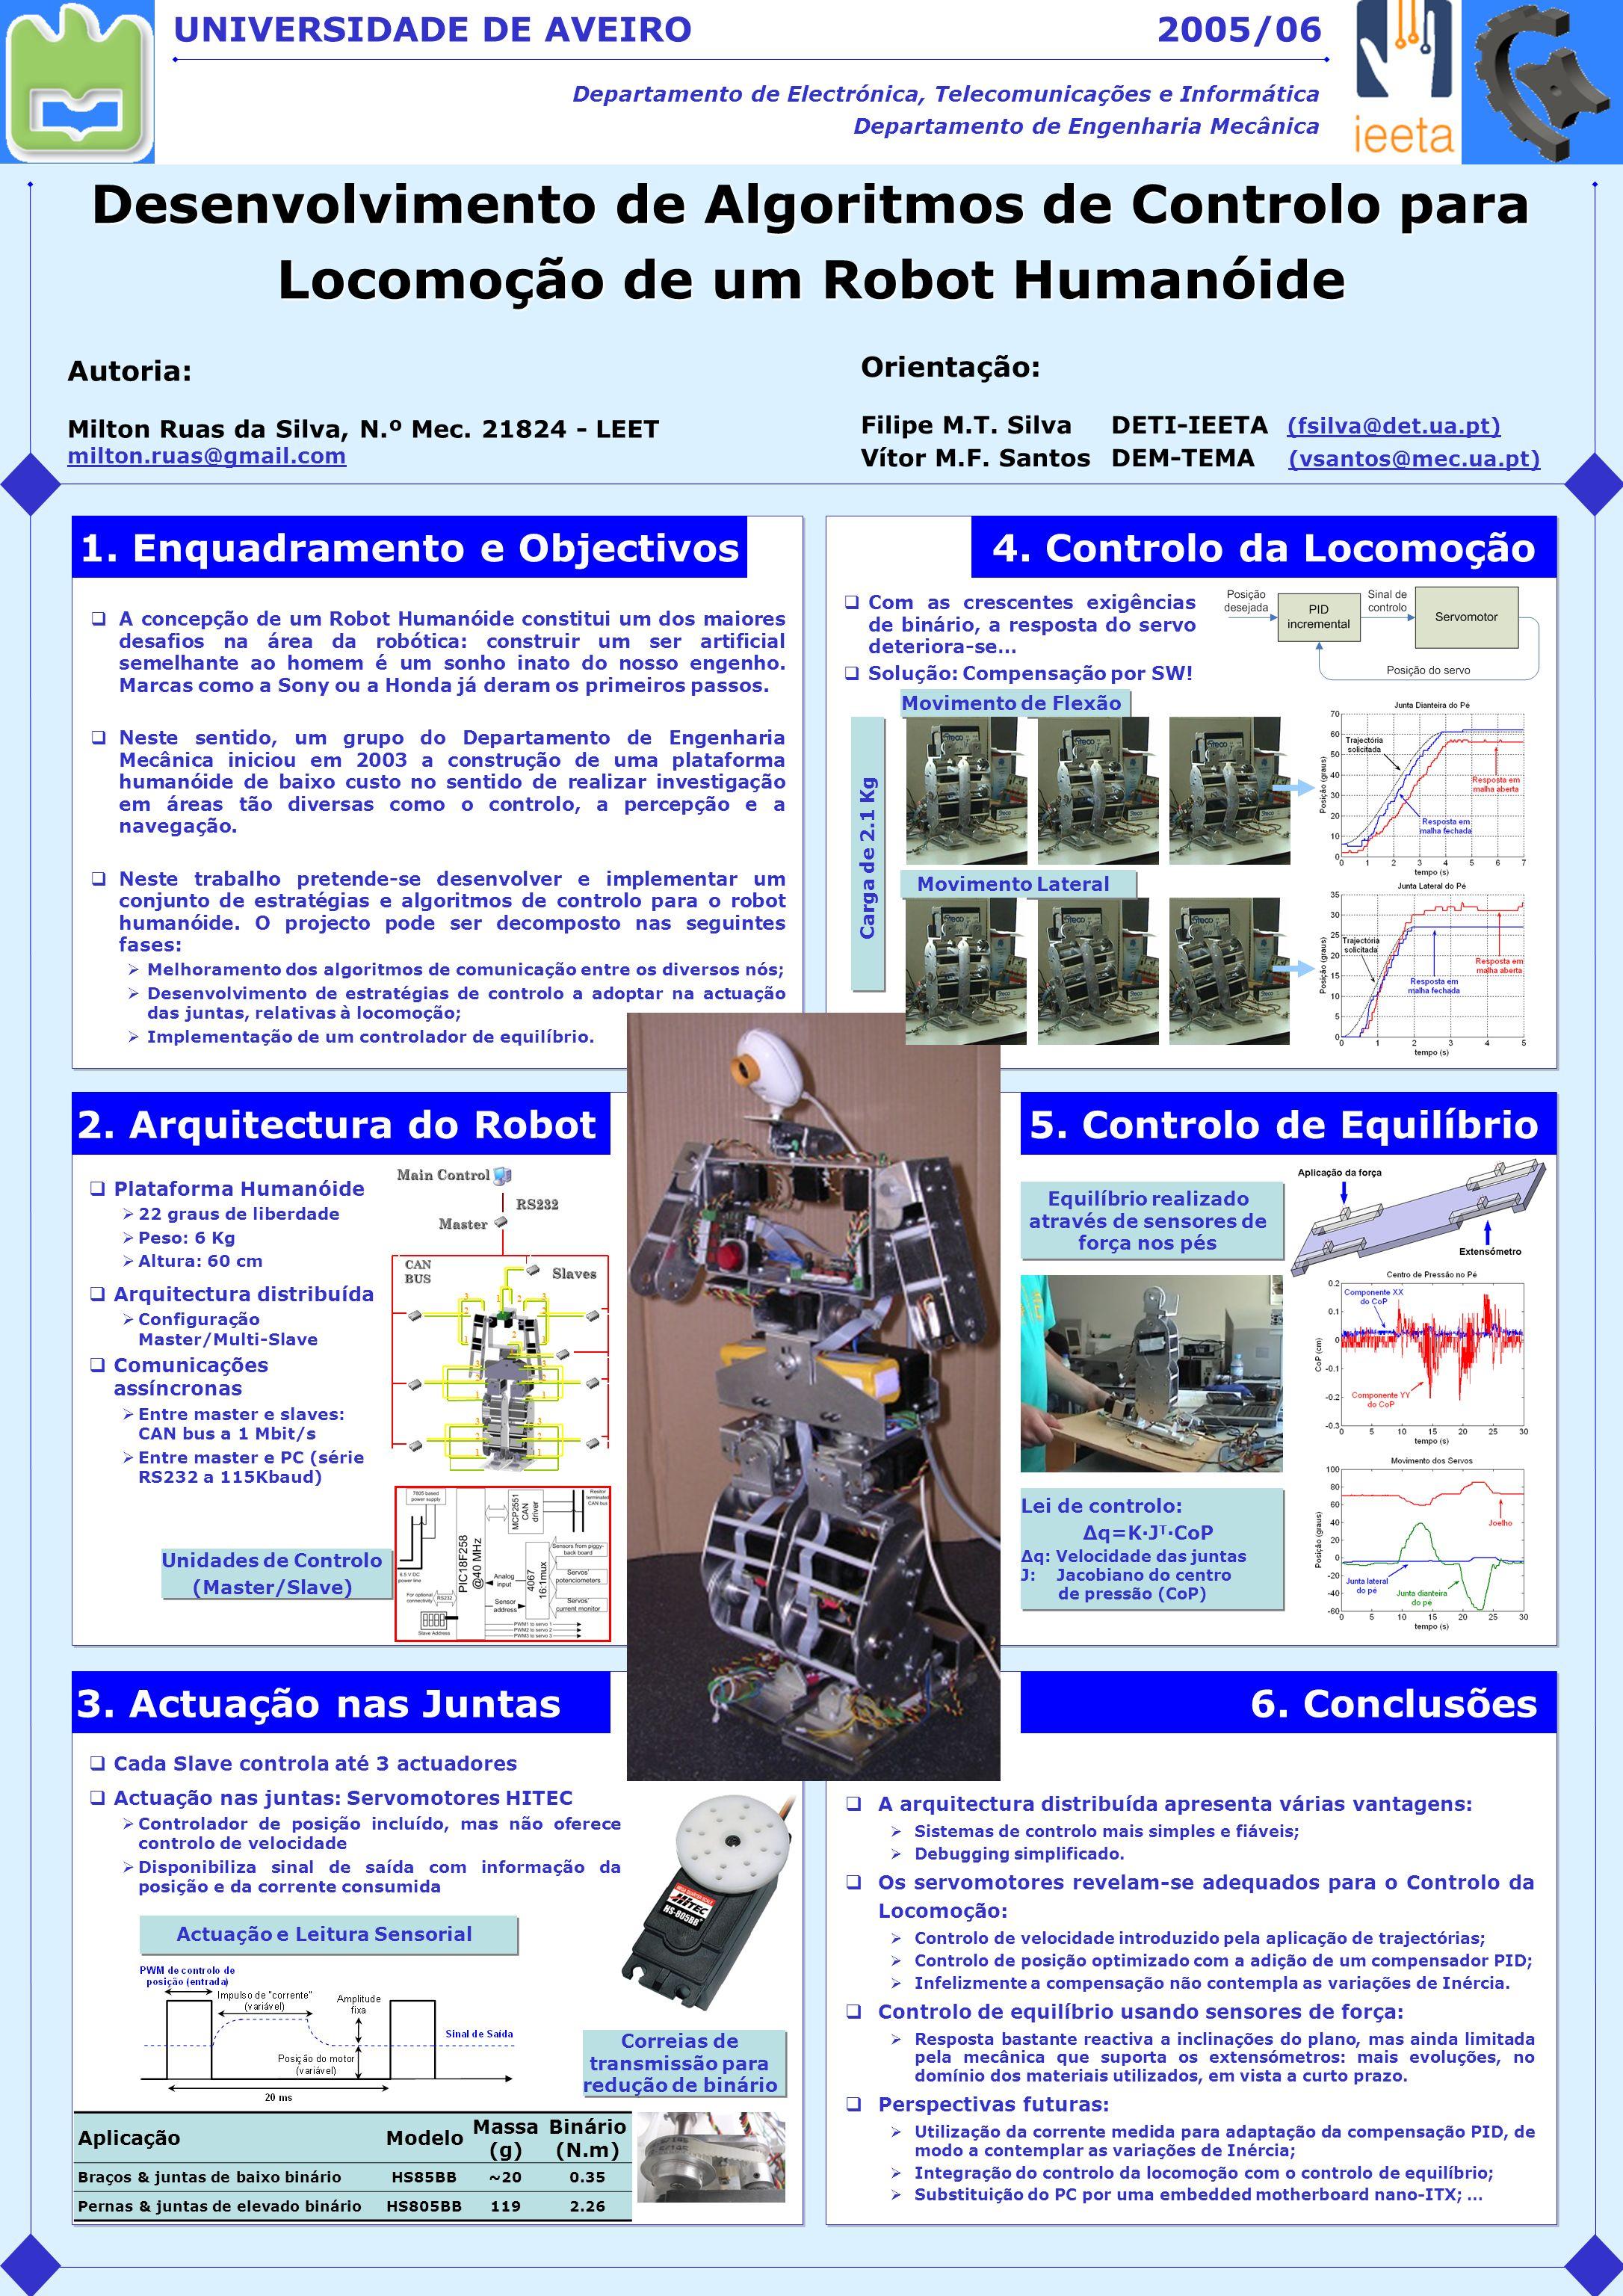 Desenvolvimento de Algoritmos de Controlo para Locomoção de um Robot Humanóide UNIVERSIDADE DE AVEIRO Departamento de Electrónica, Telecomunicações e Informática Departamento de Engenharia Mecânica 3.